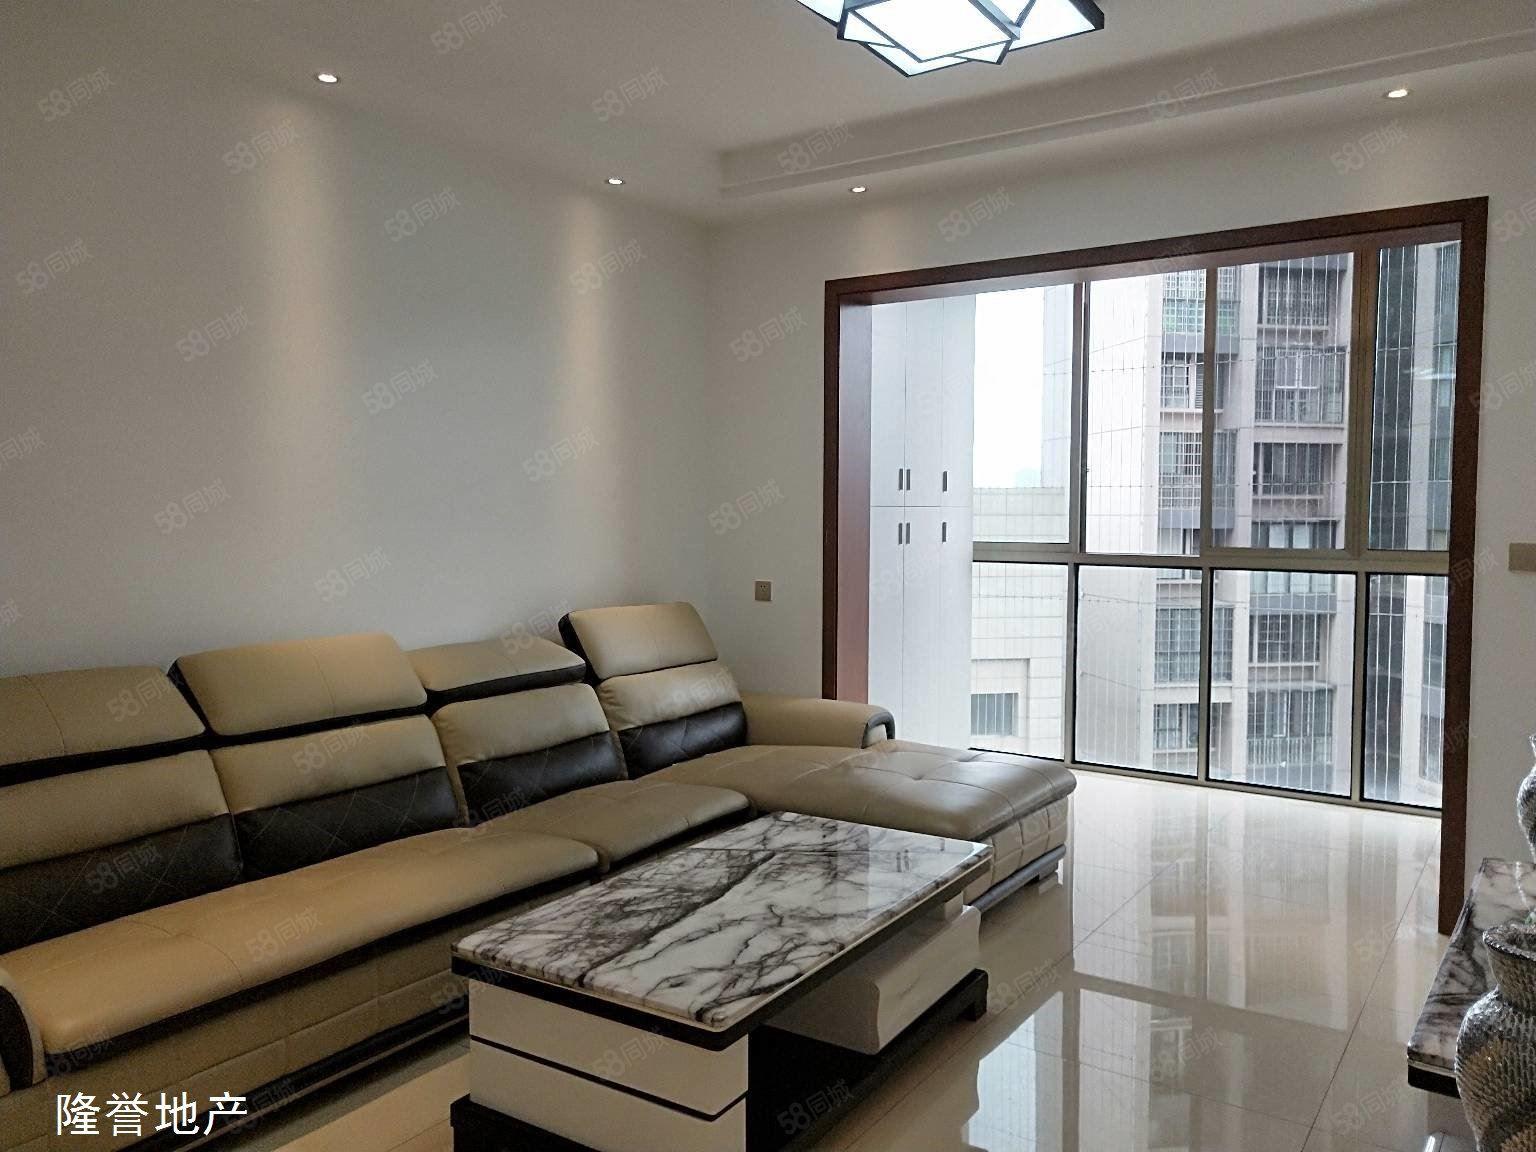 西區電梯9樓經典三室全套家具家電拎包入住